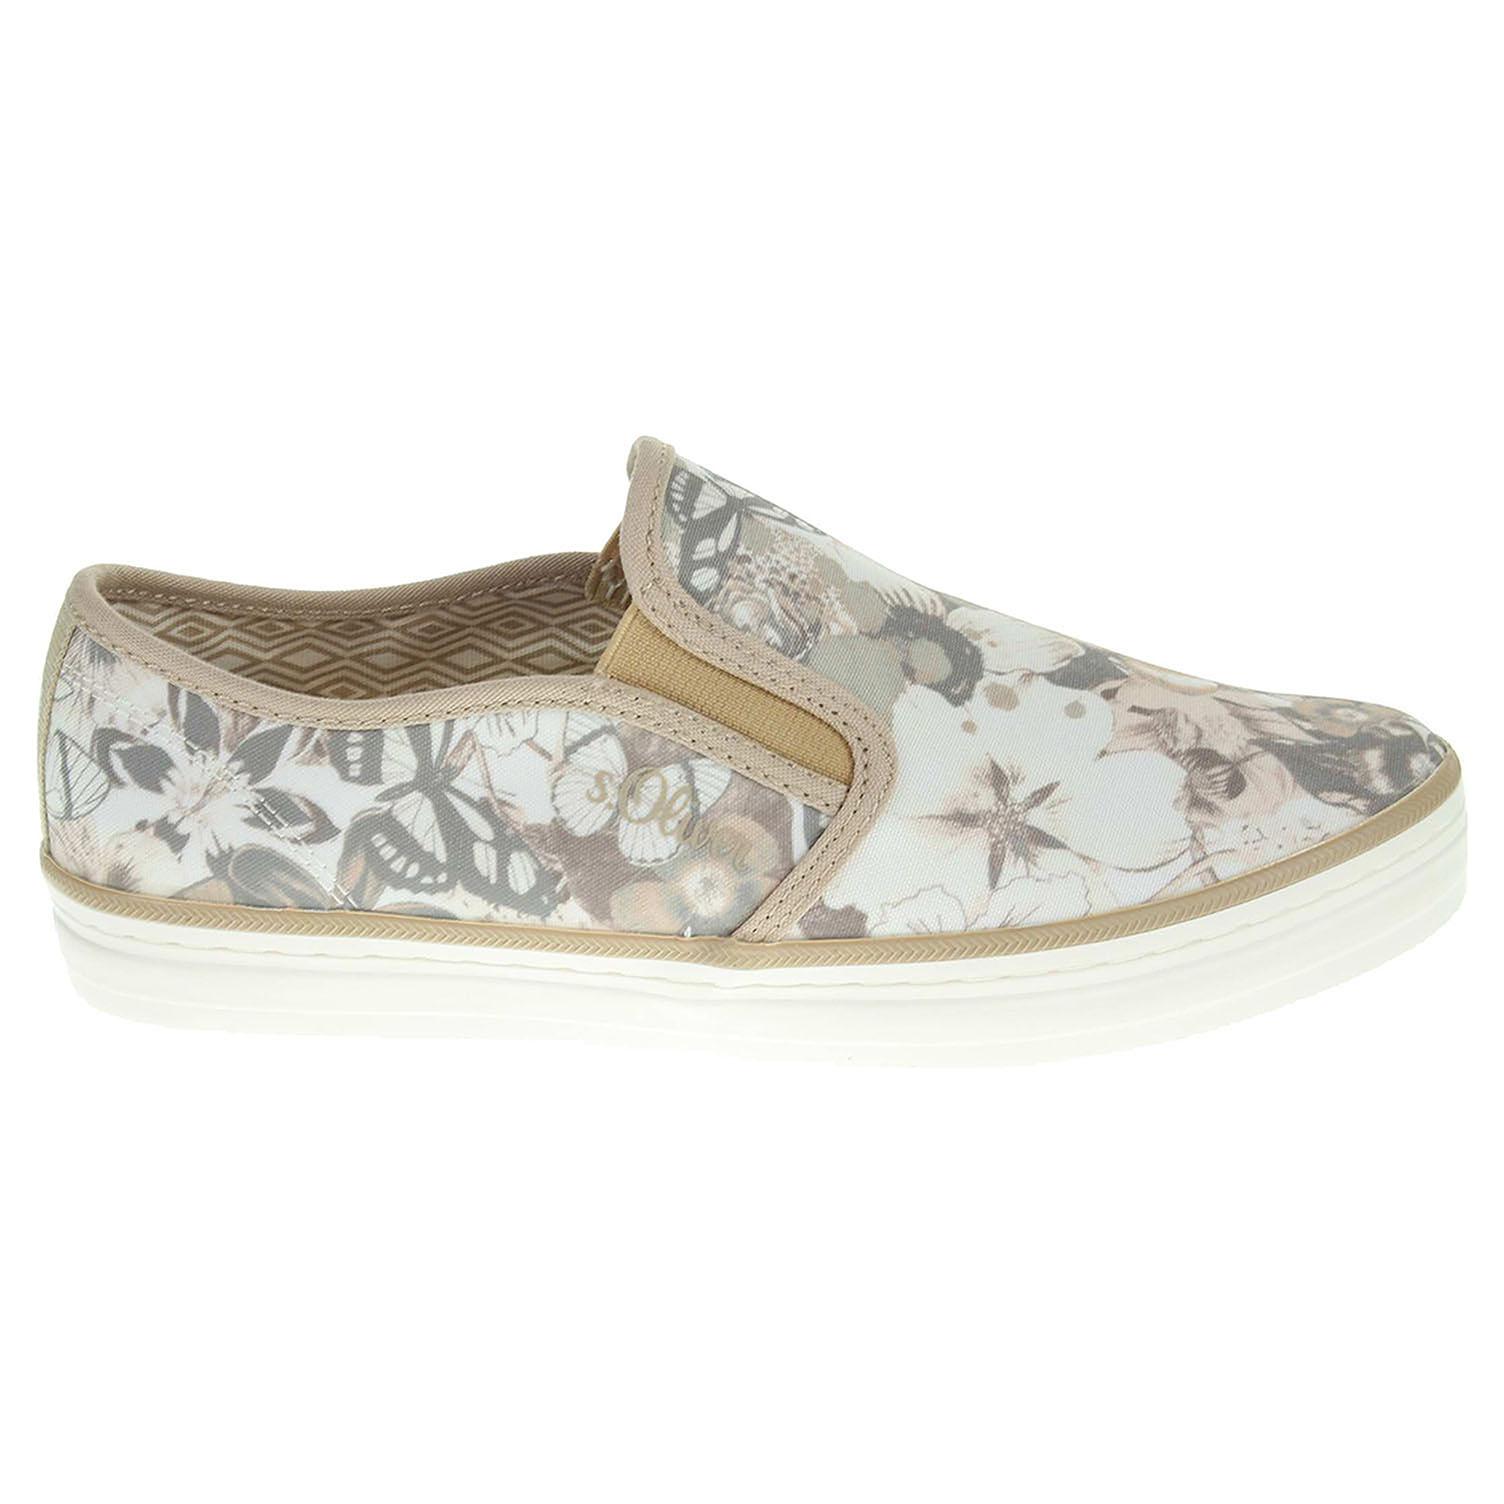 s.Oliver dámská obuv 5-24624-26 béžová 38